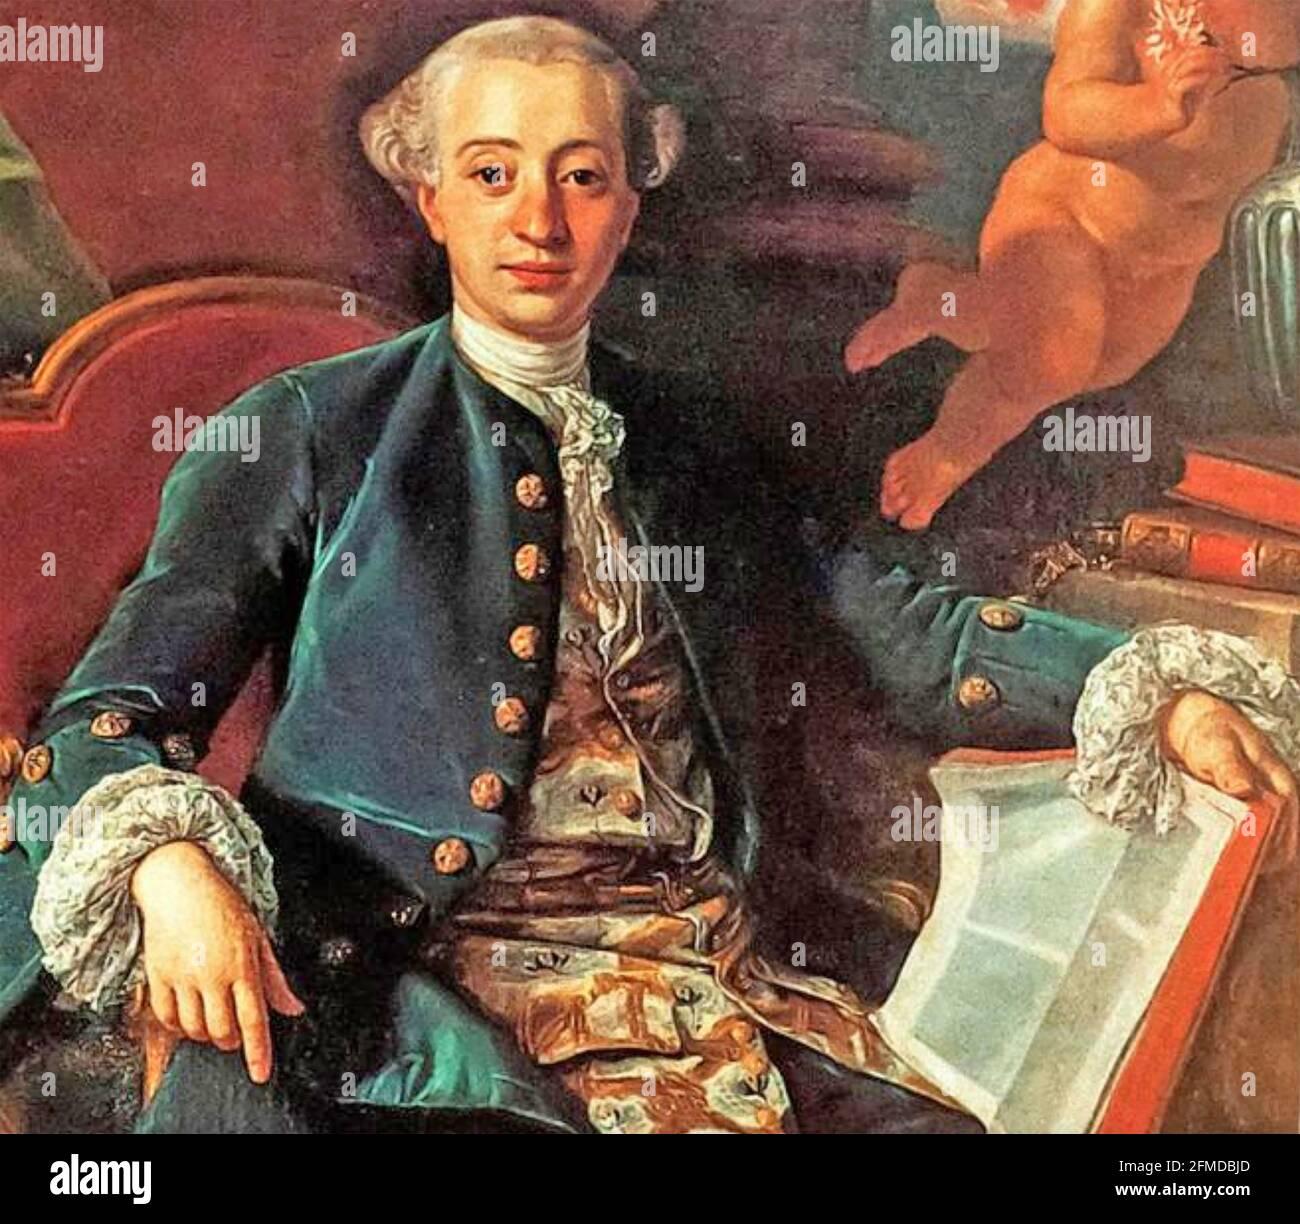 GIACOMO CASANOVA (1725-1798) aventurier italien peint par Francesco Narici About 1760 Banque D'Images